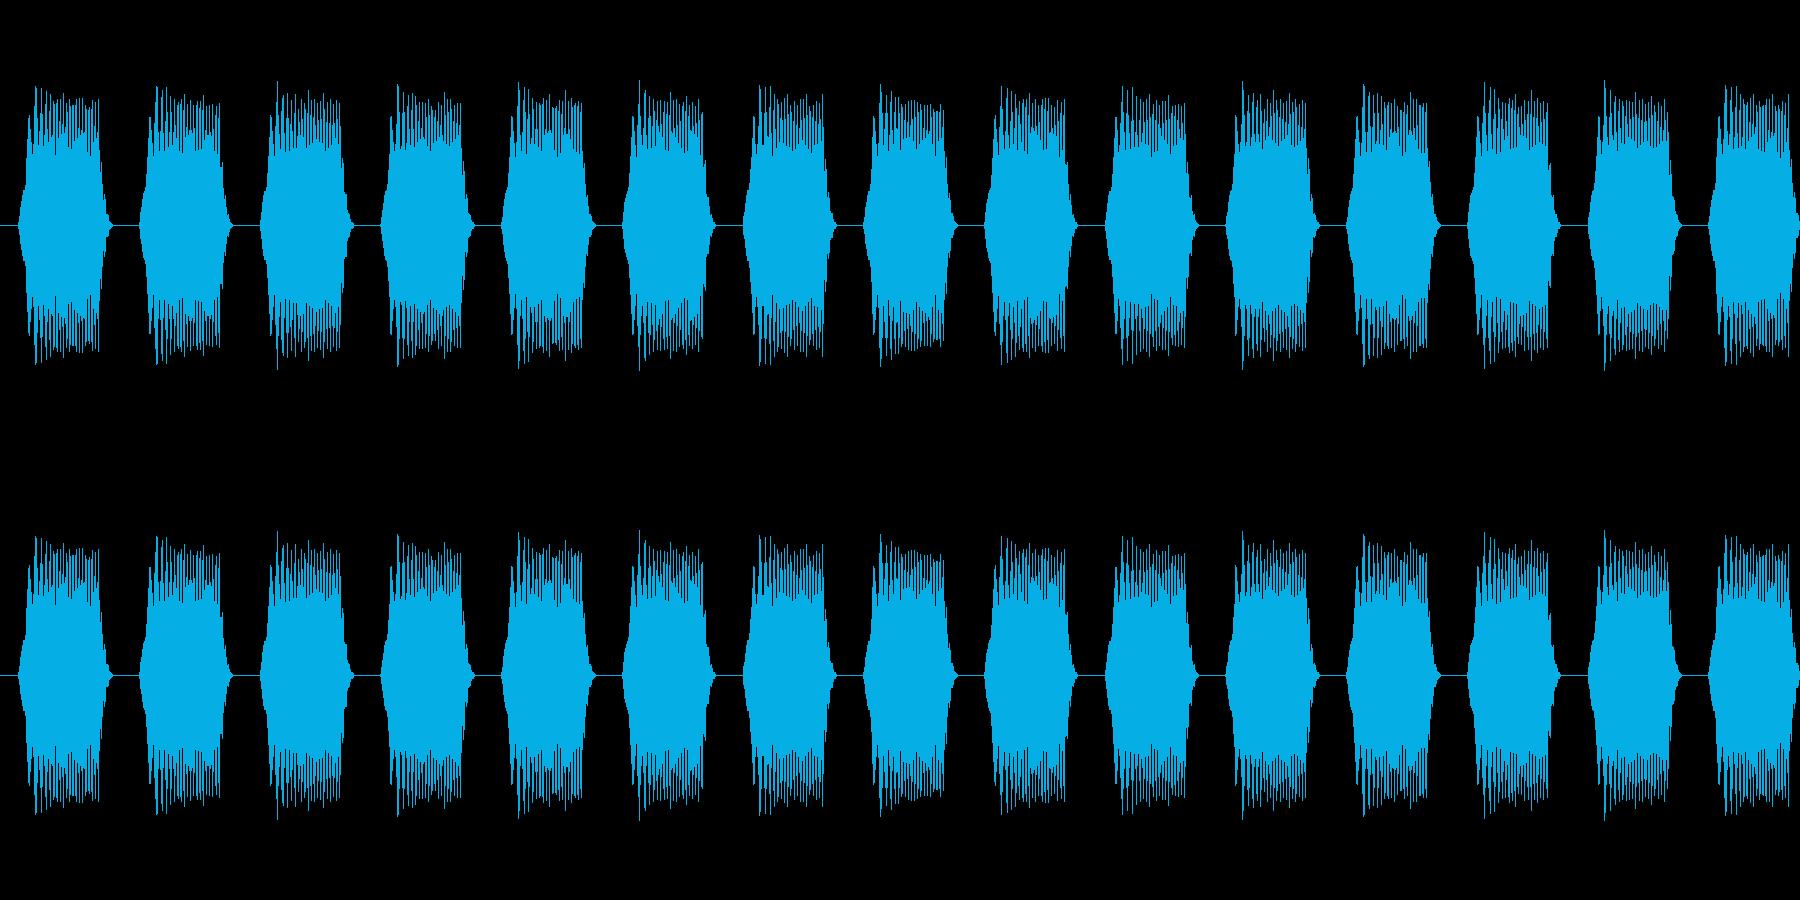 警告・注意・アラート音01(ループ対応)の再生済みの波形